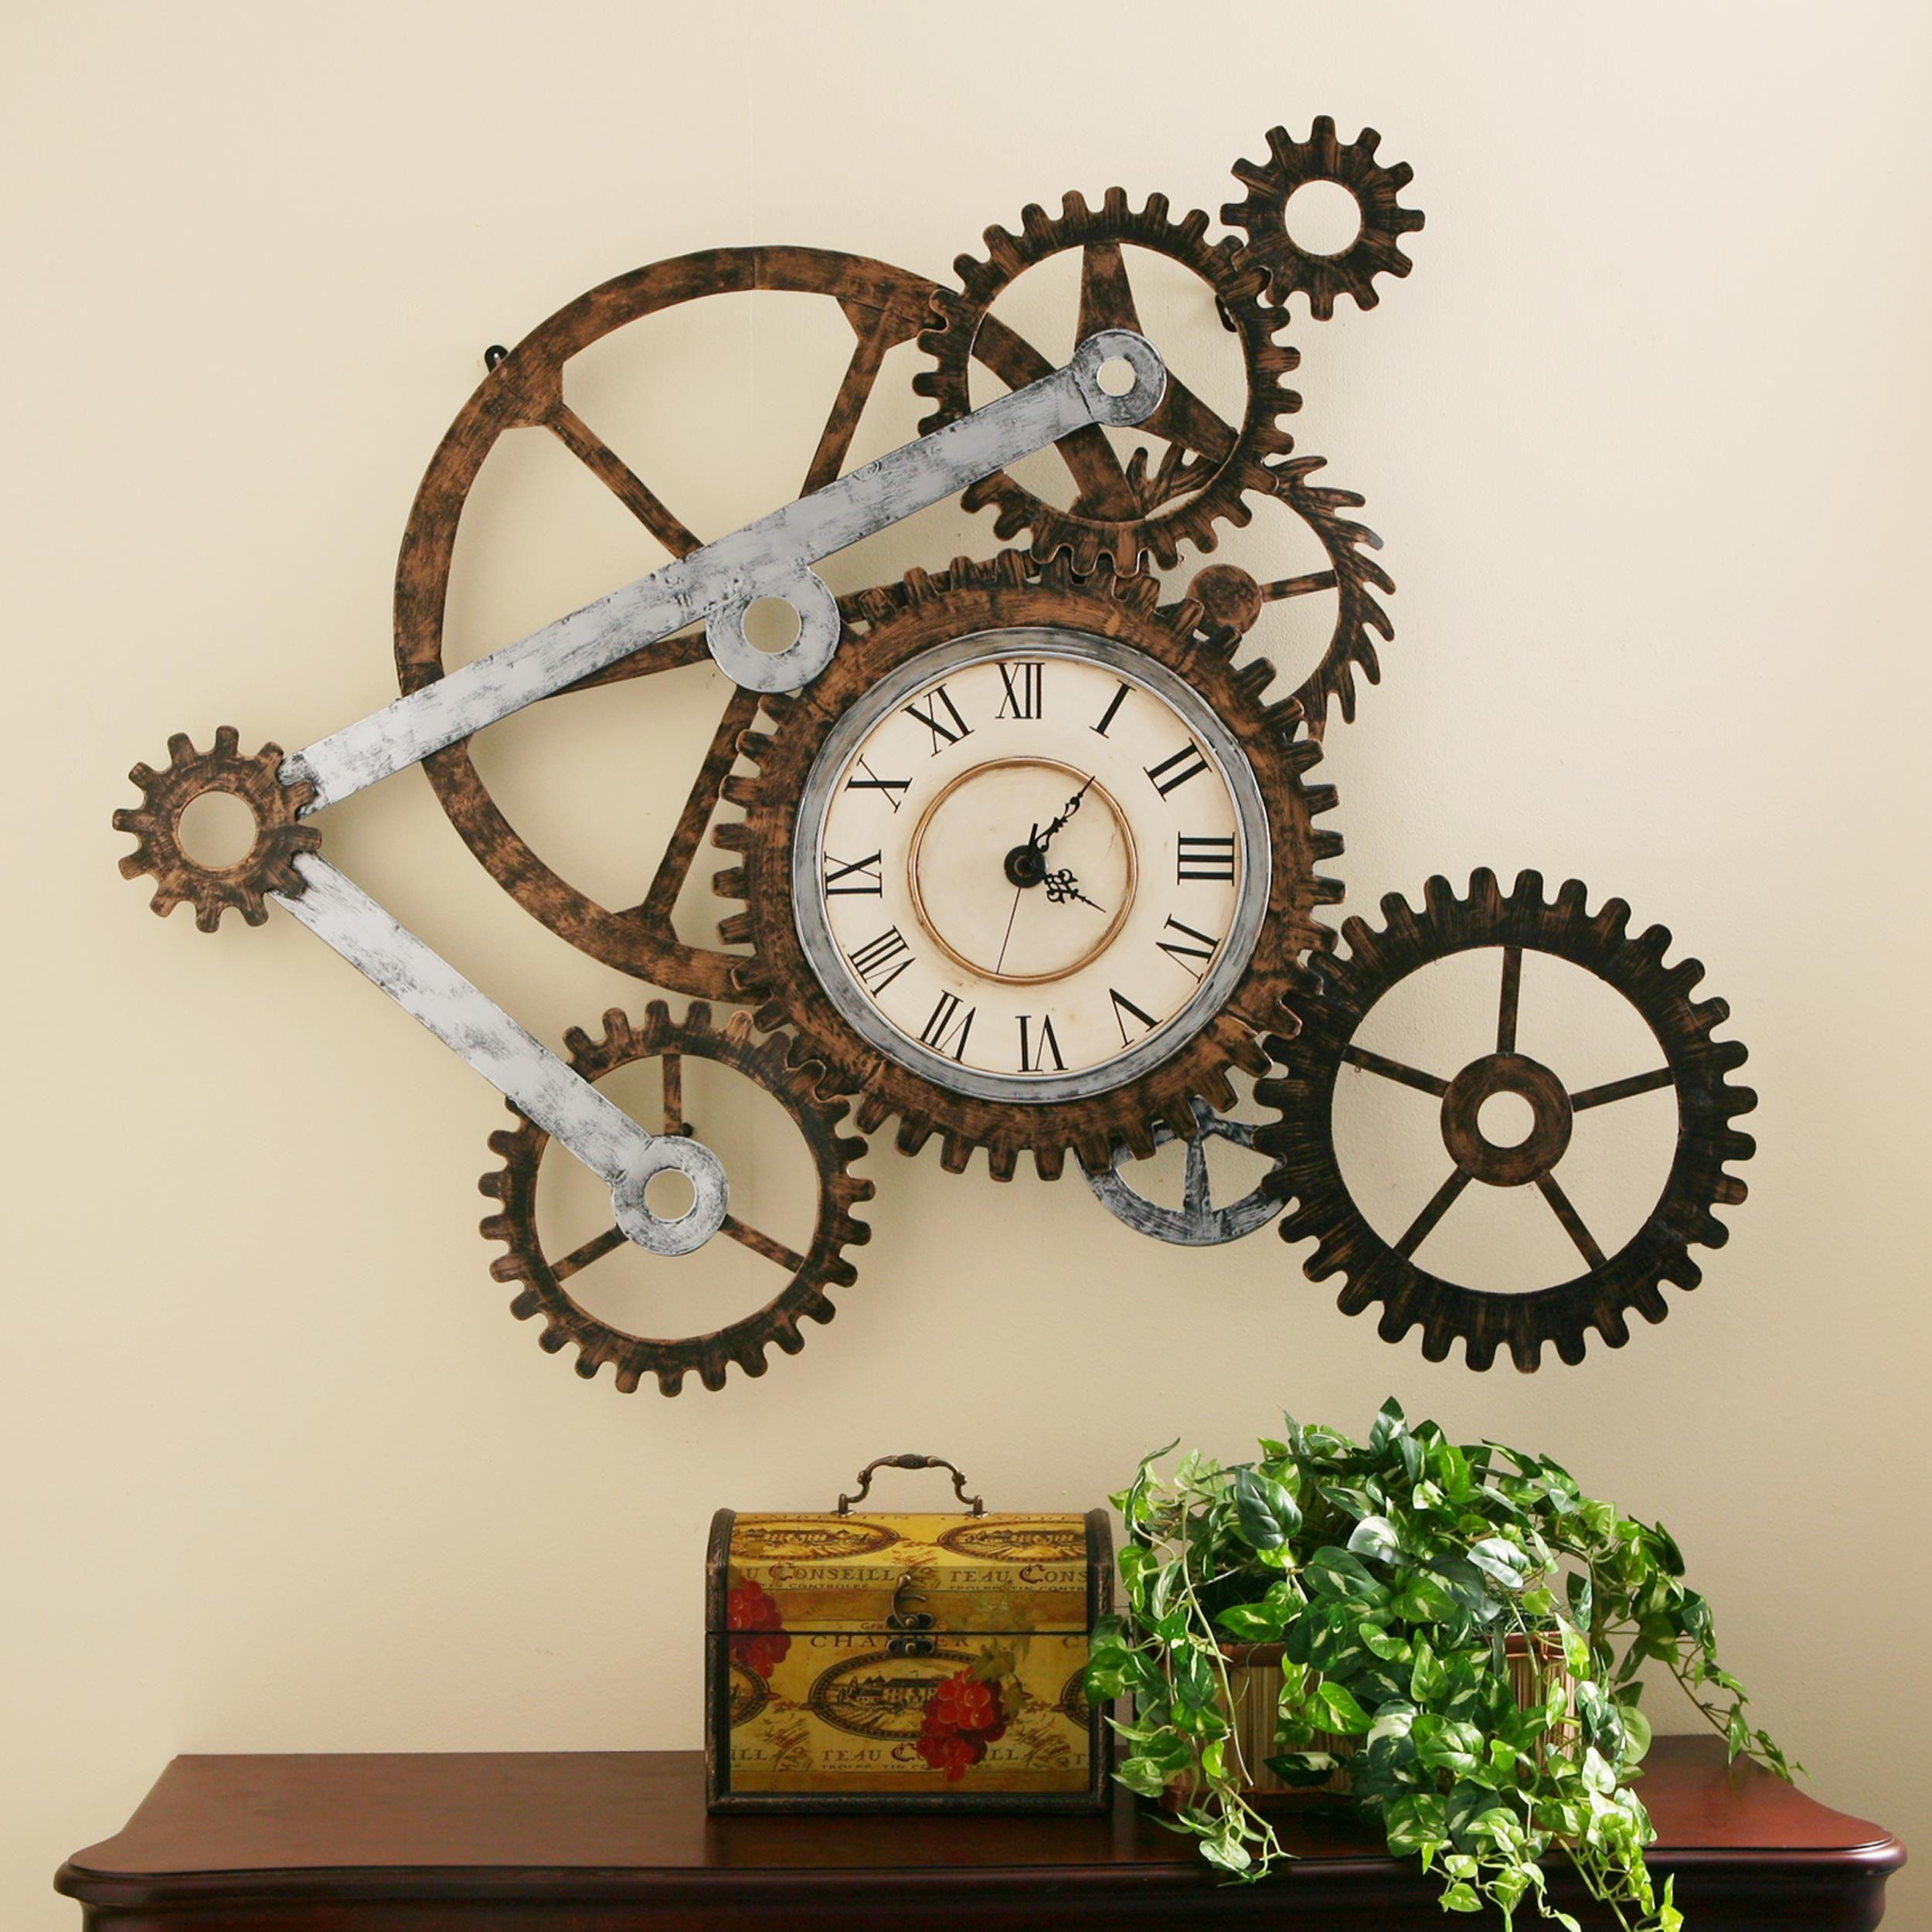 Sunshiny Clock Gear Clock Design Software Clock Gear Design Software Free Redd Gear Wall Clock Metal Wall Clock A Gears Wall Clockconstruction Grey Sei Metal Gear Wall Art furniture Gear Clock Design